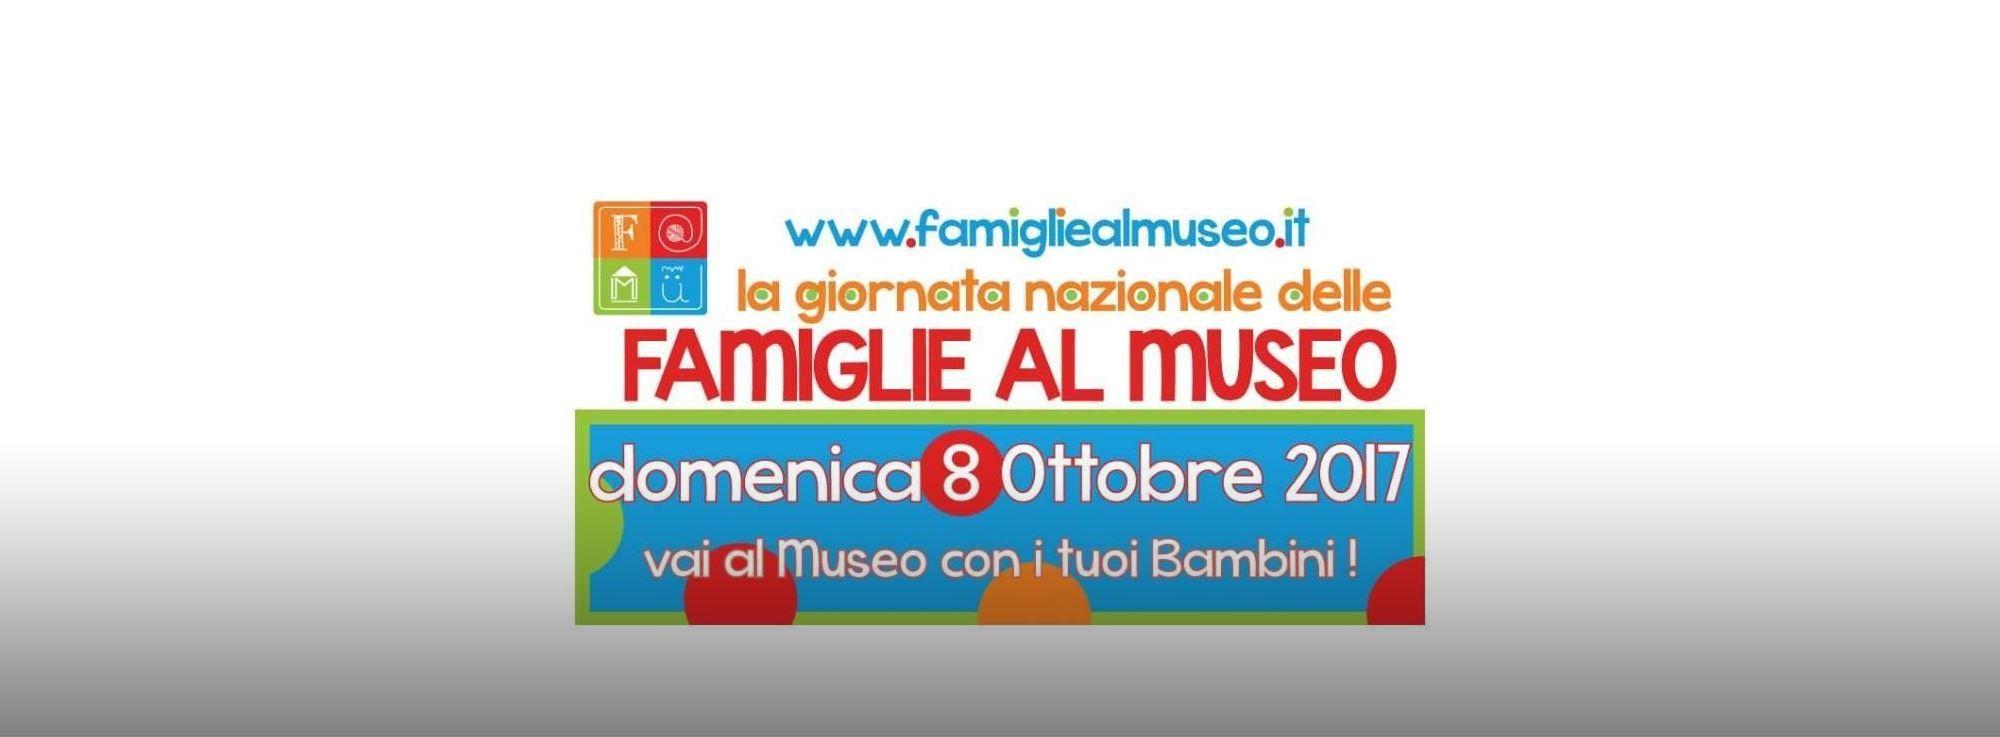 Rutigliano: Famiglie al museo